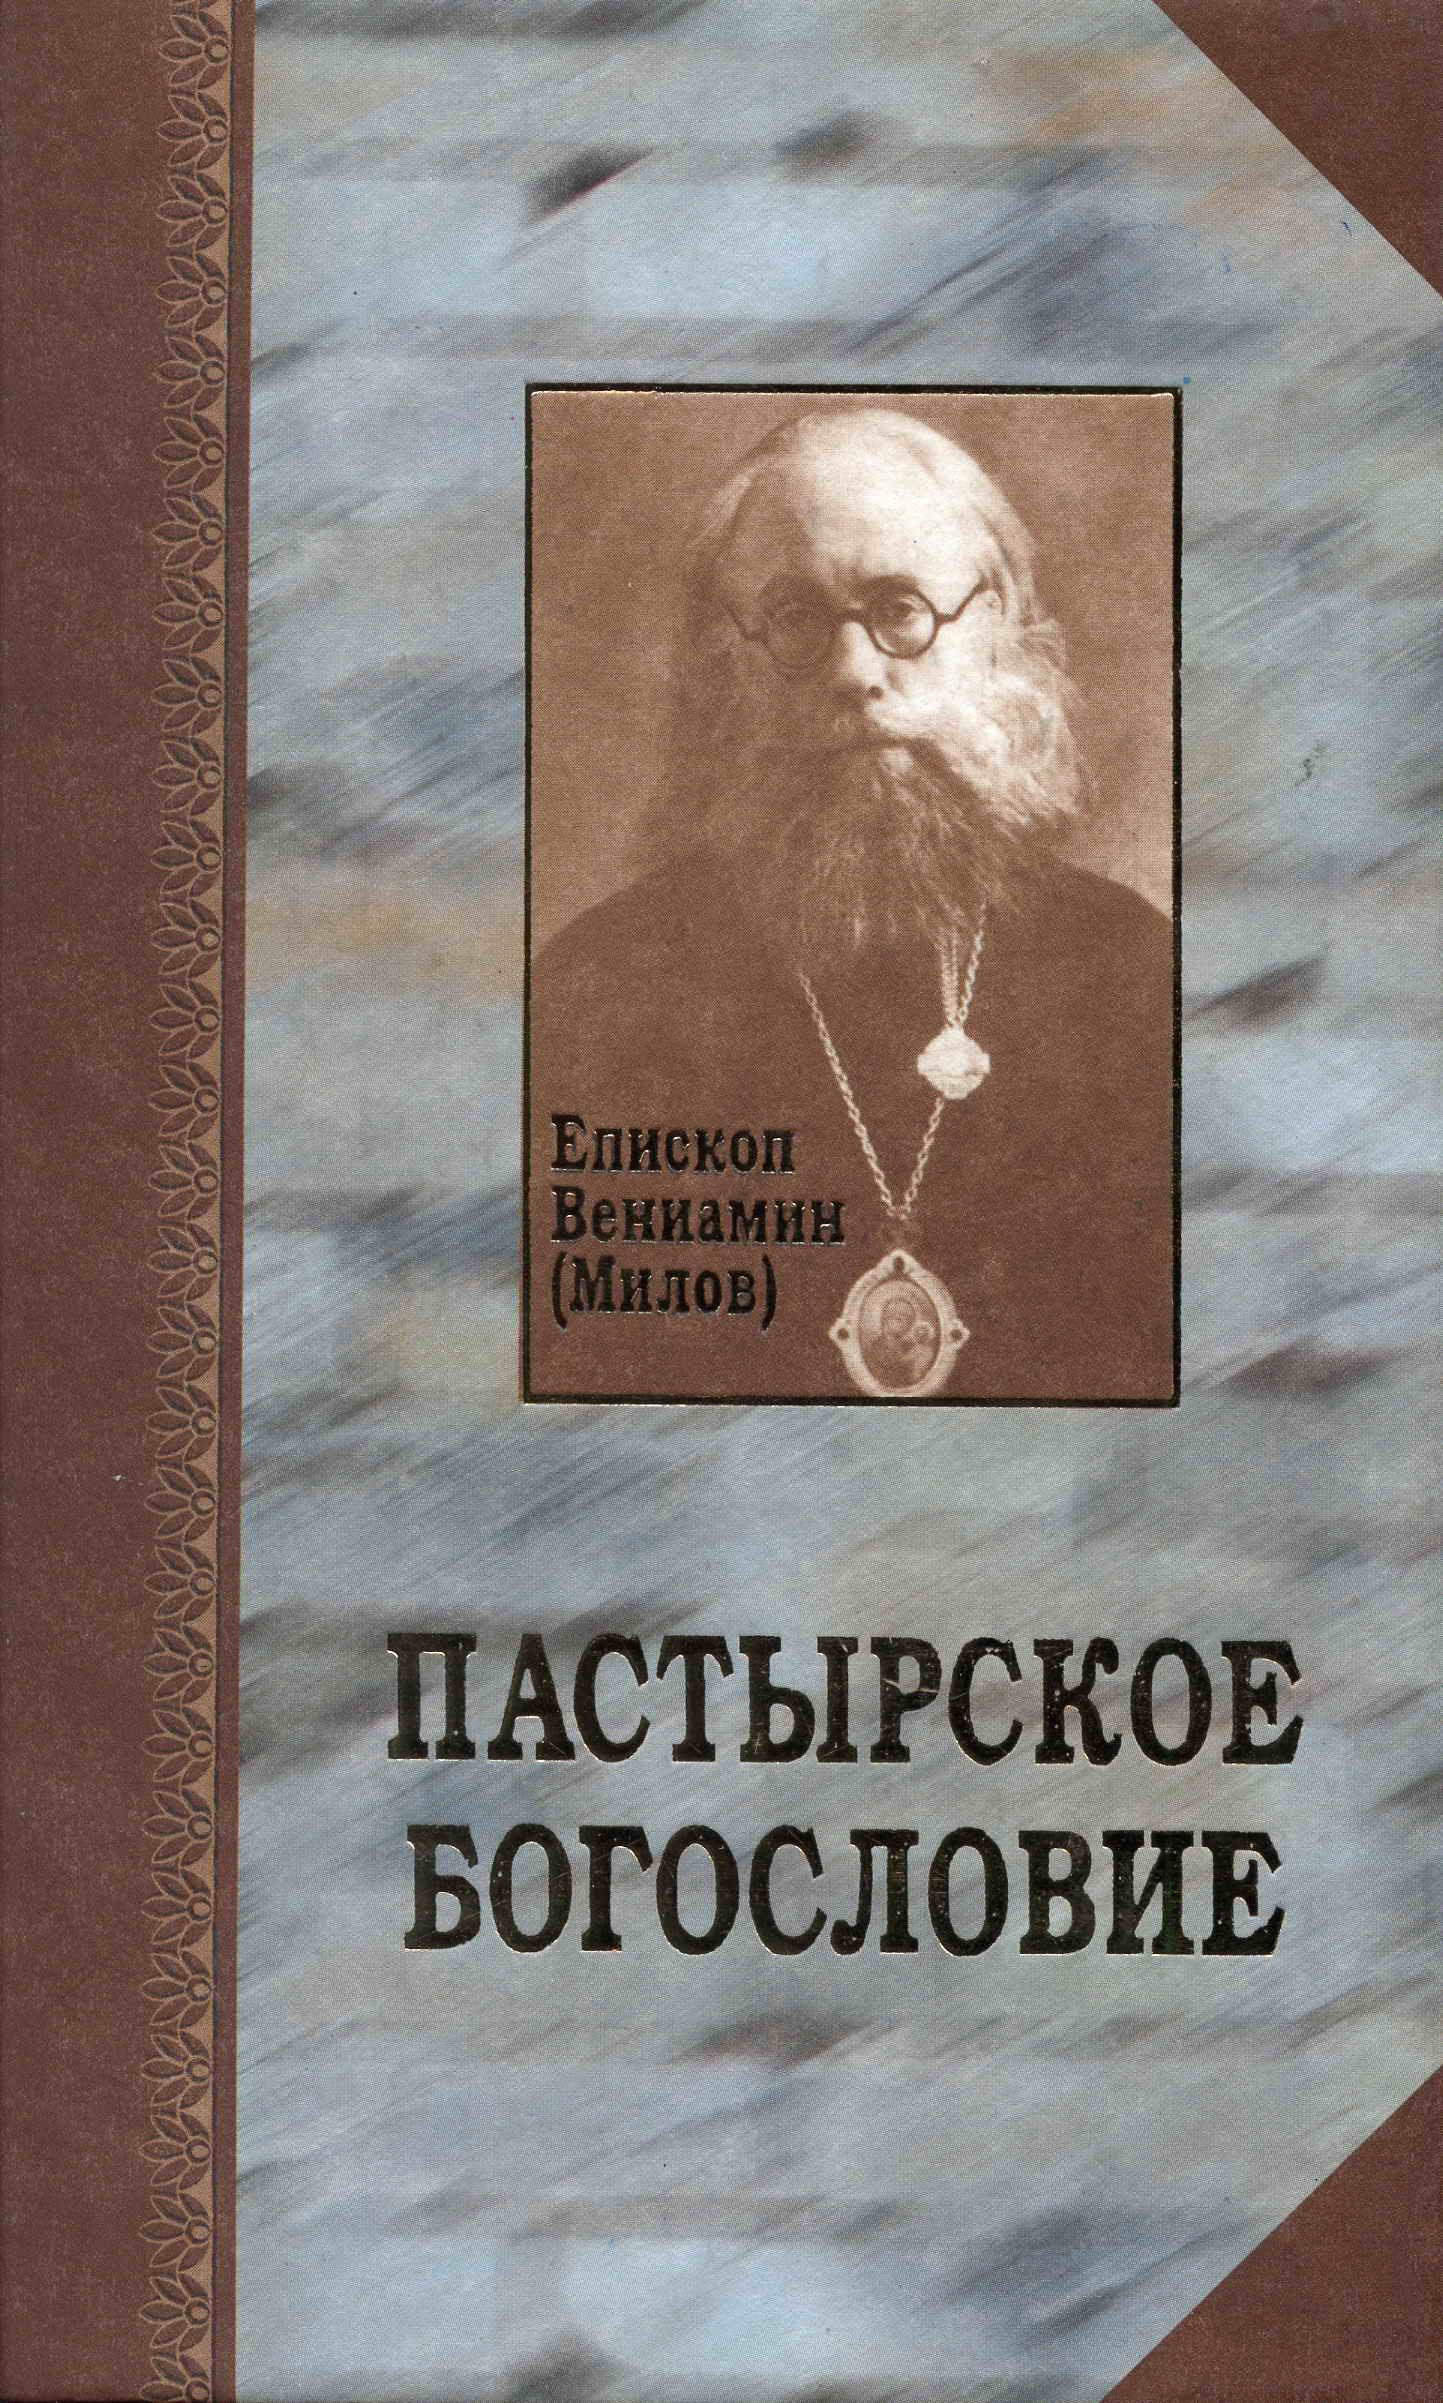 епископ Вениамин (Милов) Пастырское богословие епископ вениамин милов чтения по литургическому богословию